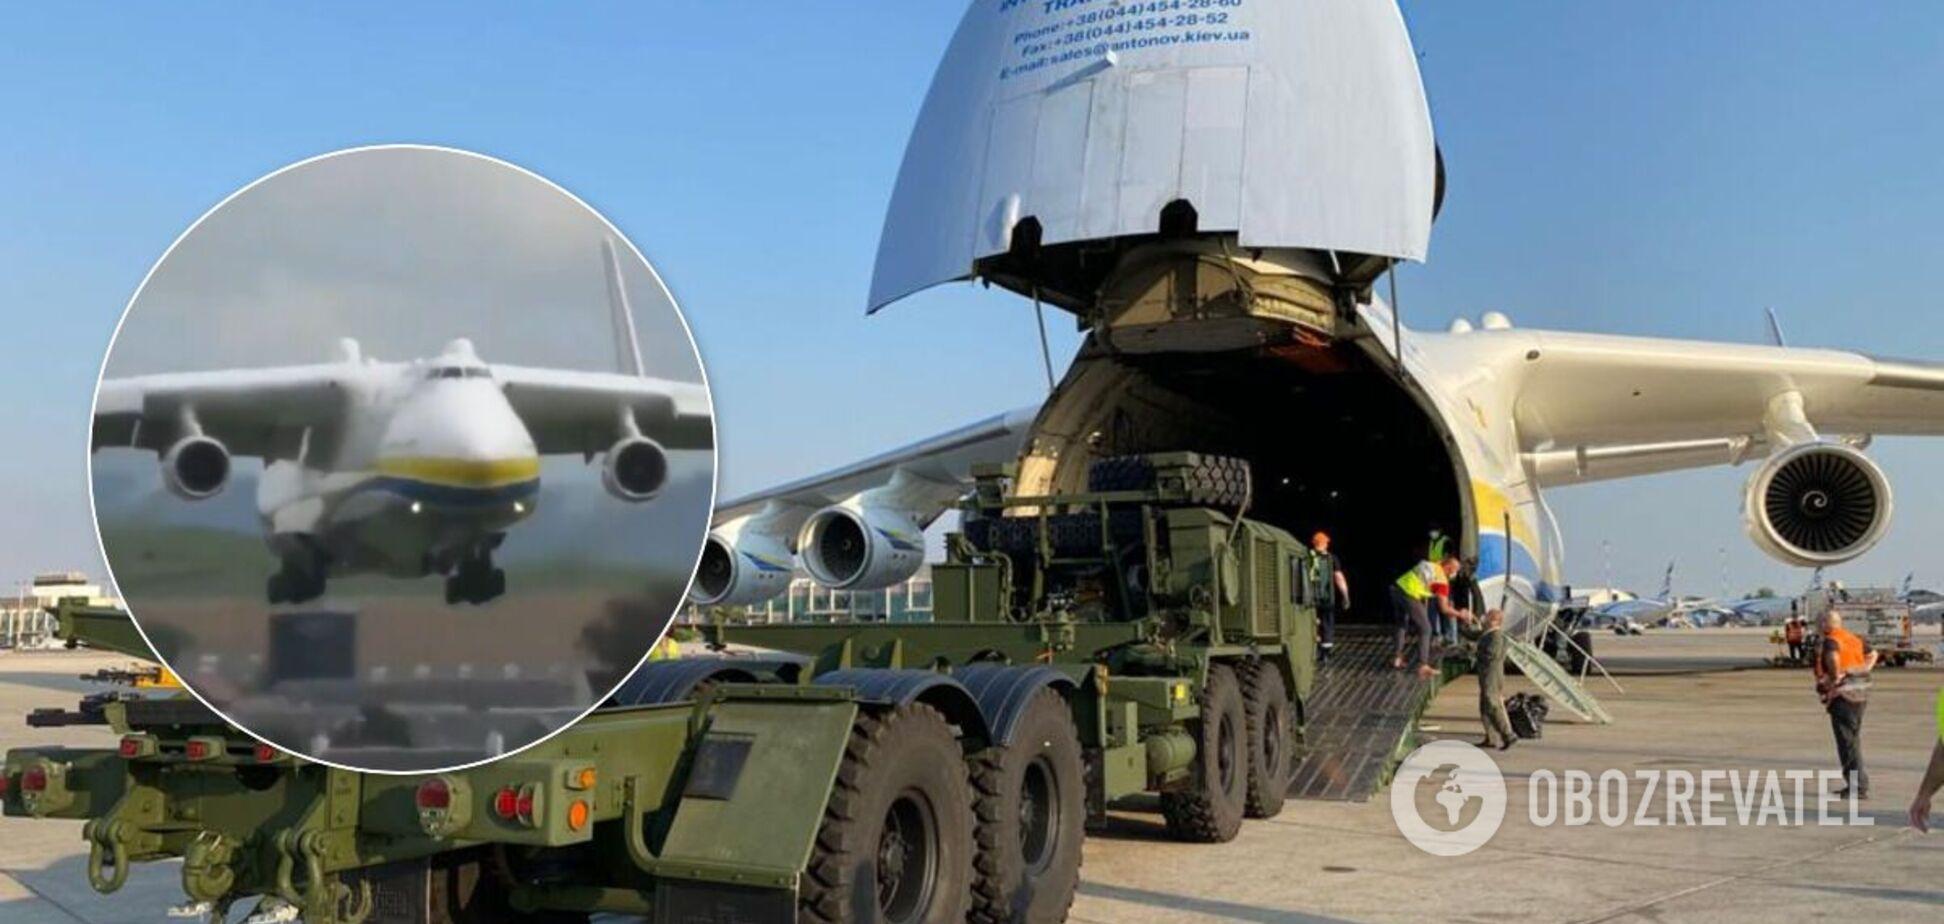 Украинский самолет 'Мрія' доставил в Израиль военный груз из США: эффектное видео приземления